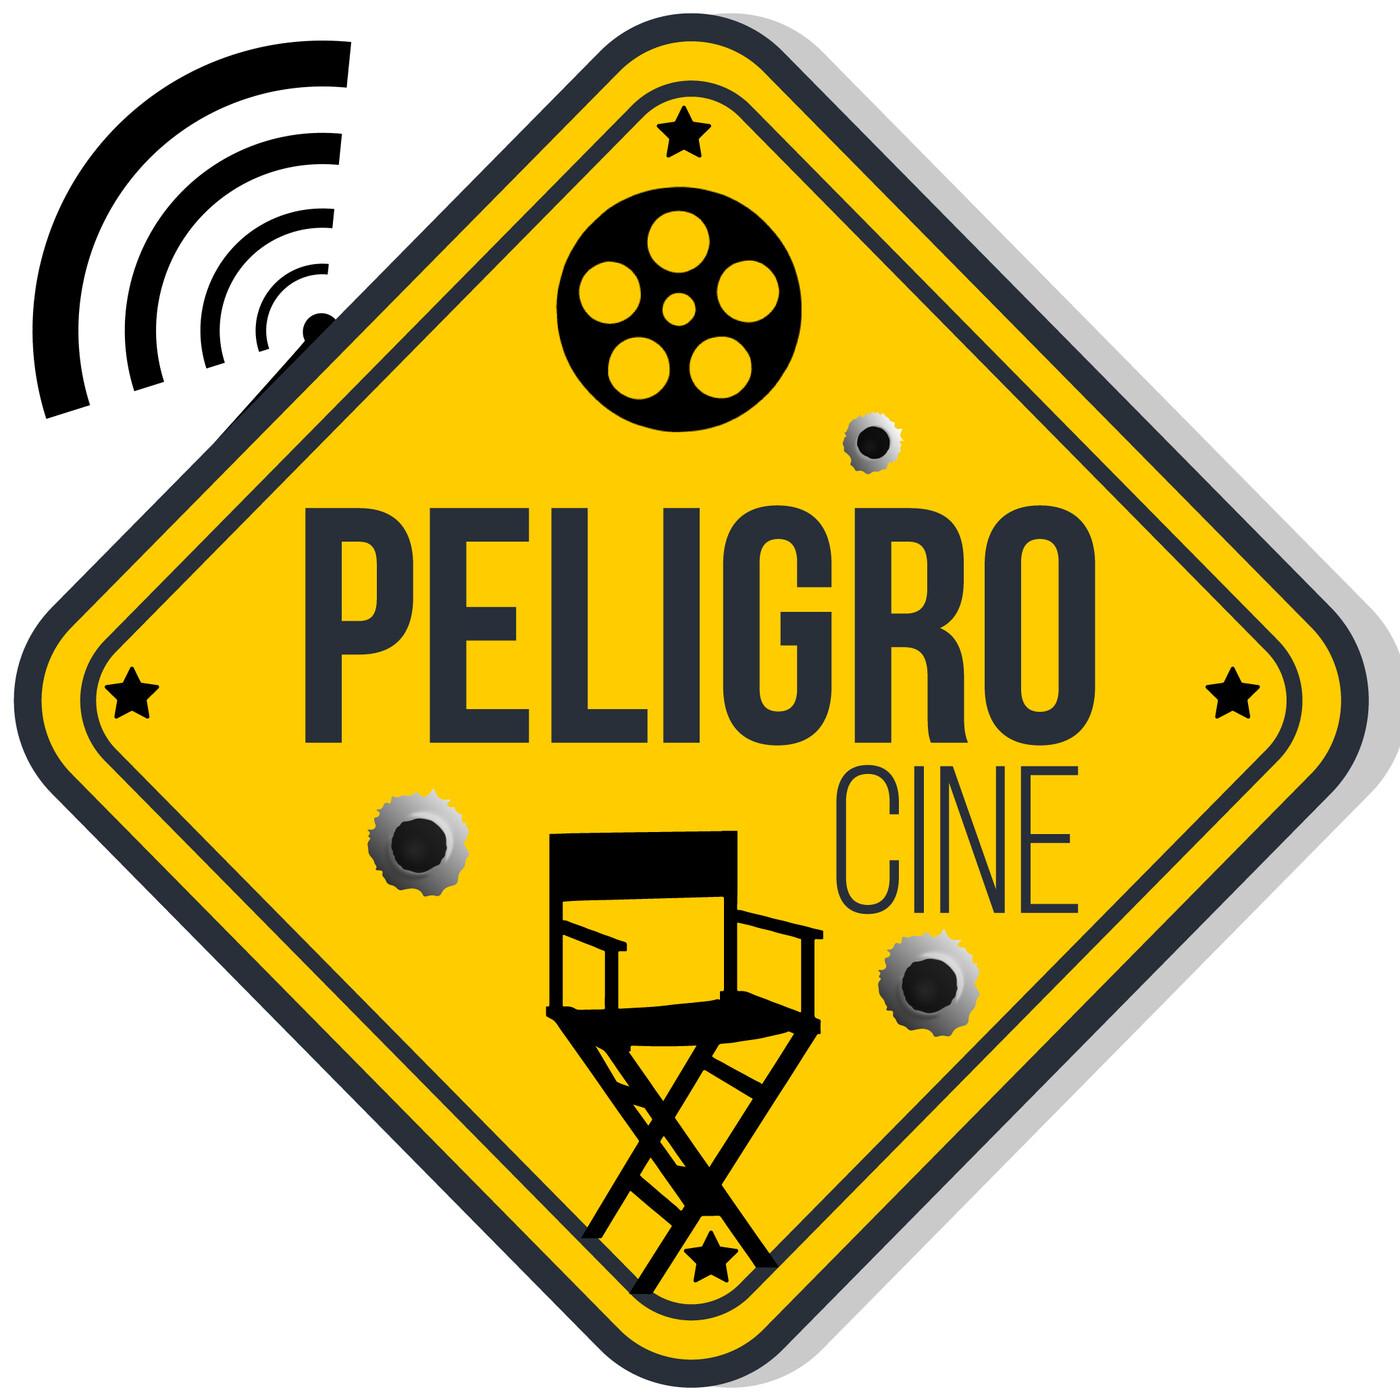 Peligro, cine- 1x05 - especial cine de cárceles - casualties of war - le trou - celda 211 - prison break